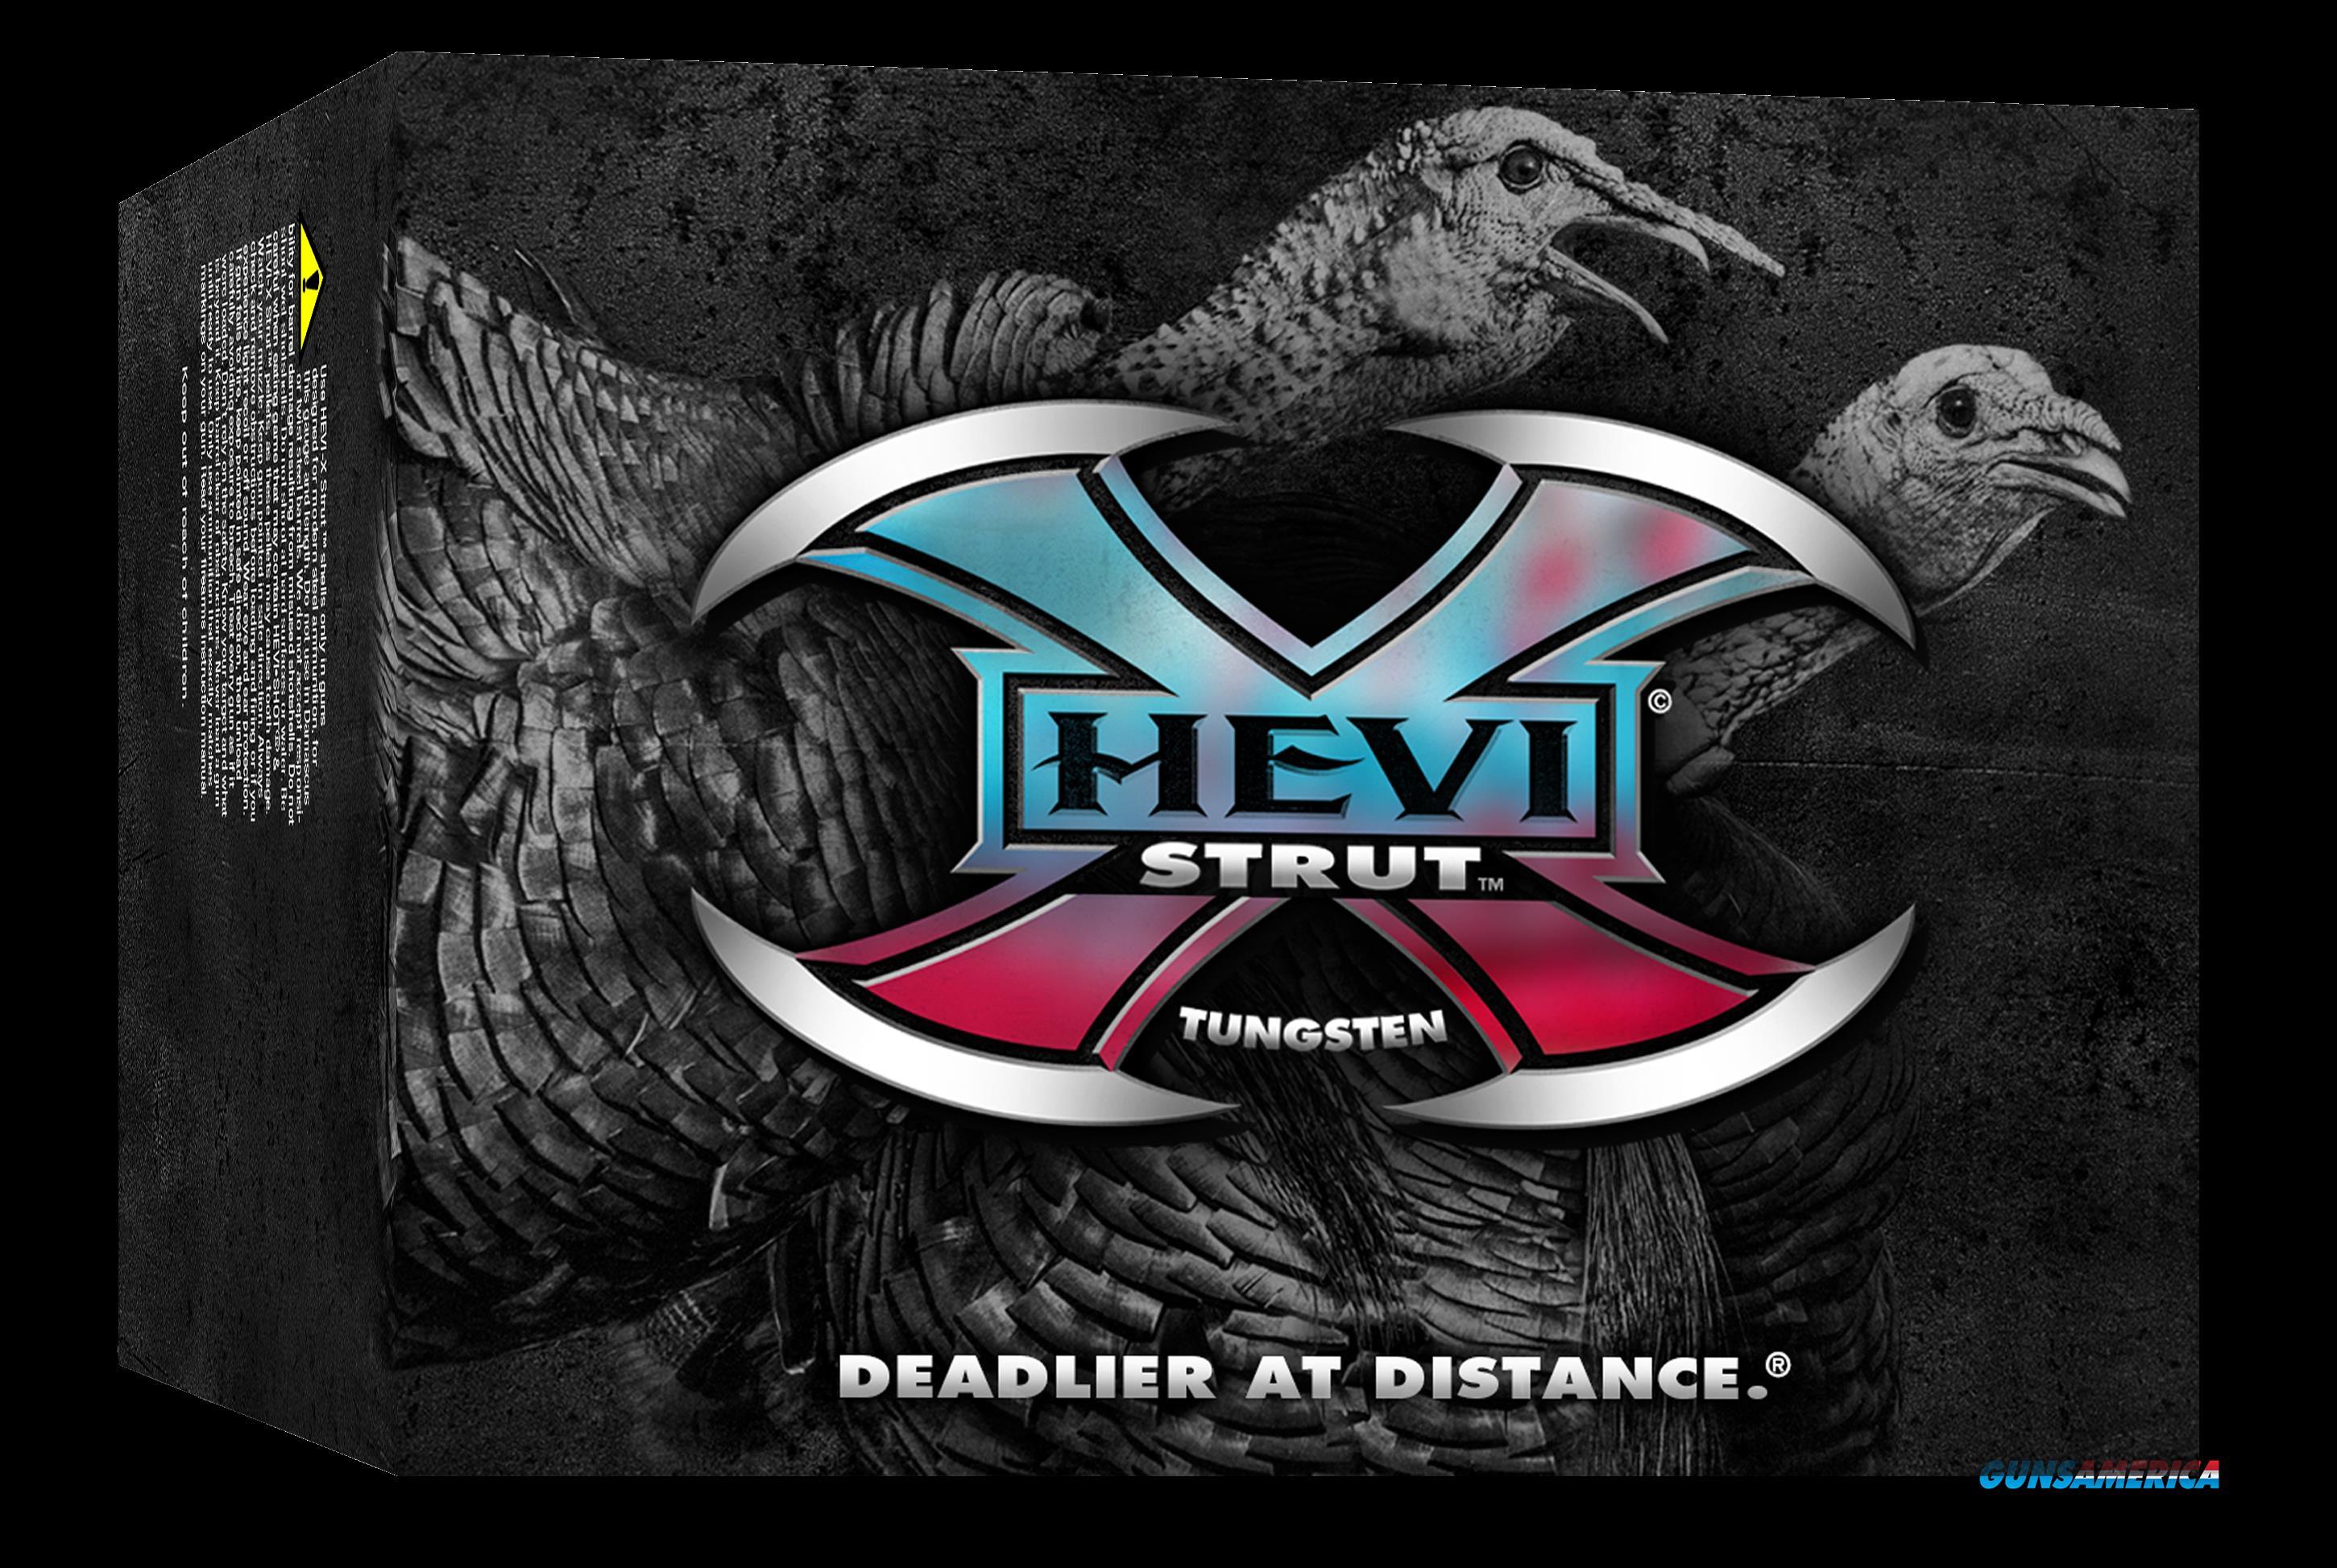 Hevishot Hevi-x, Hevi 44106 Tky Hevi-x  410 3   6    9-16 5-10  Guns > Pistols > 1911 Pistol Copies (non-Colt)